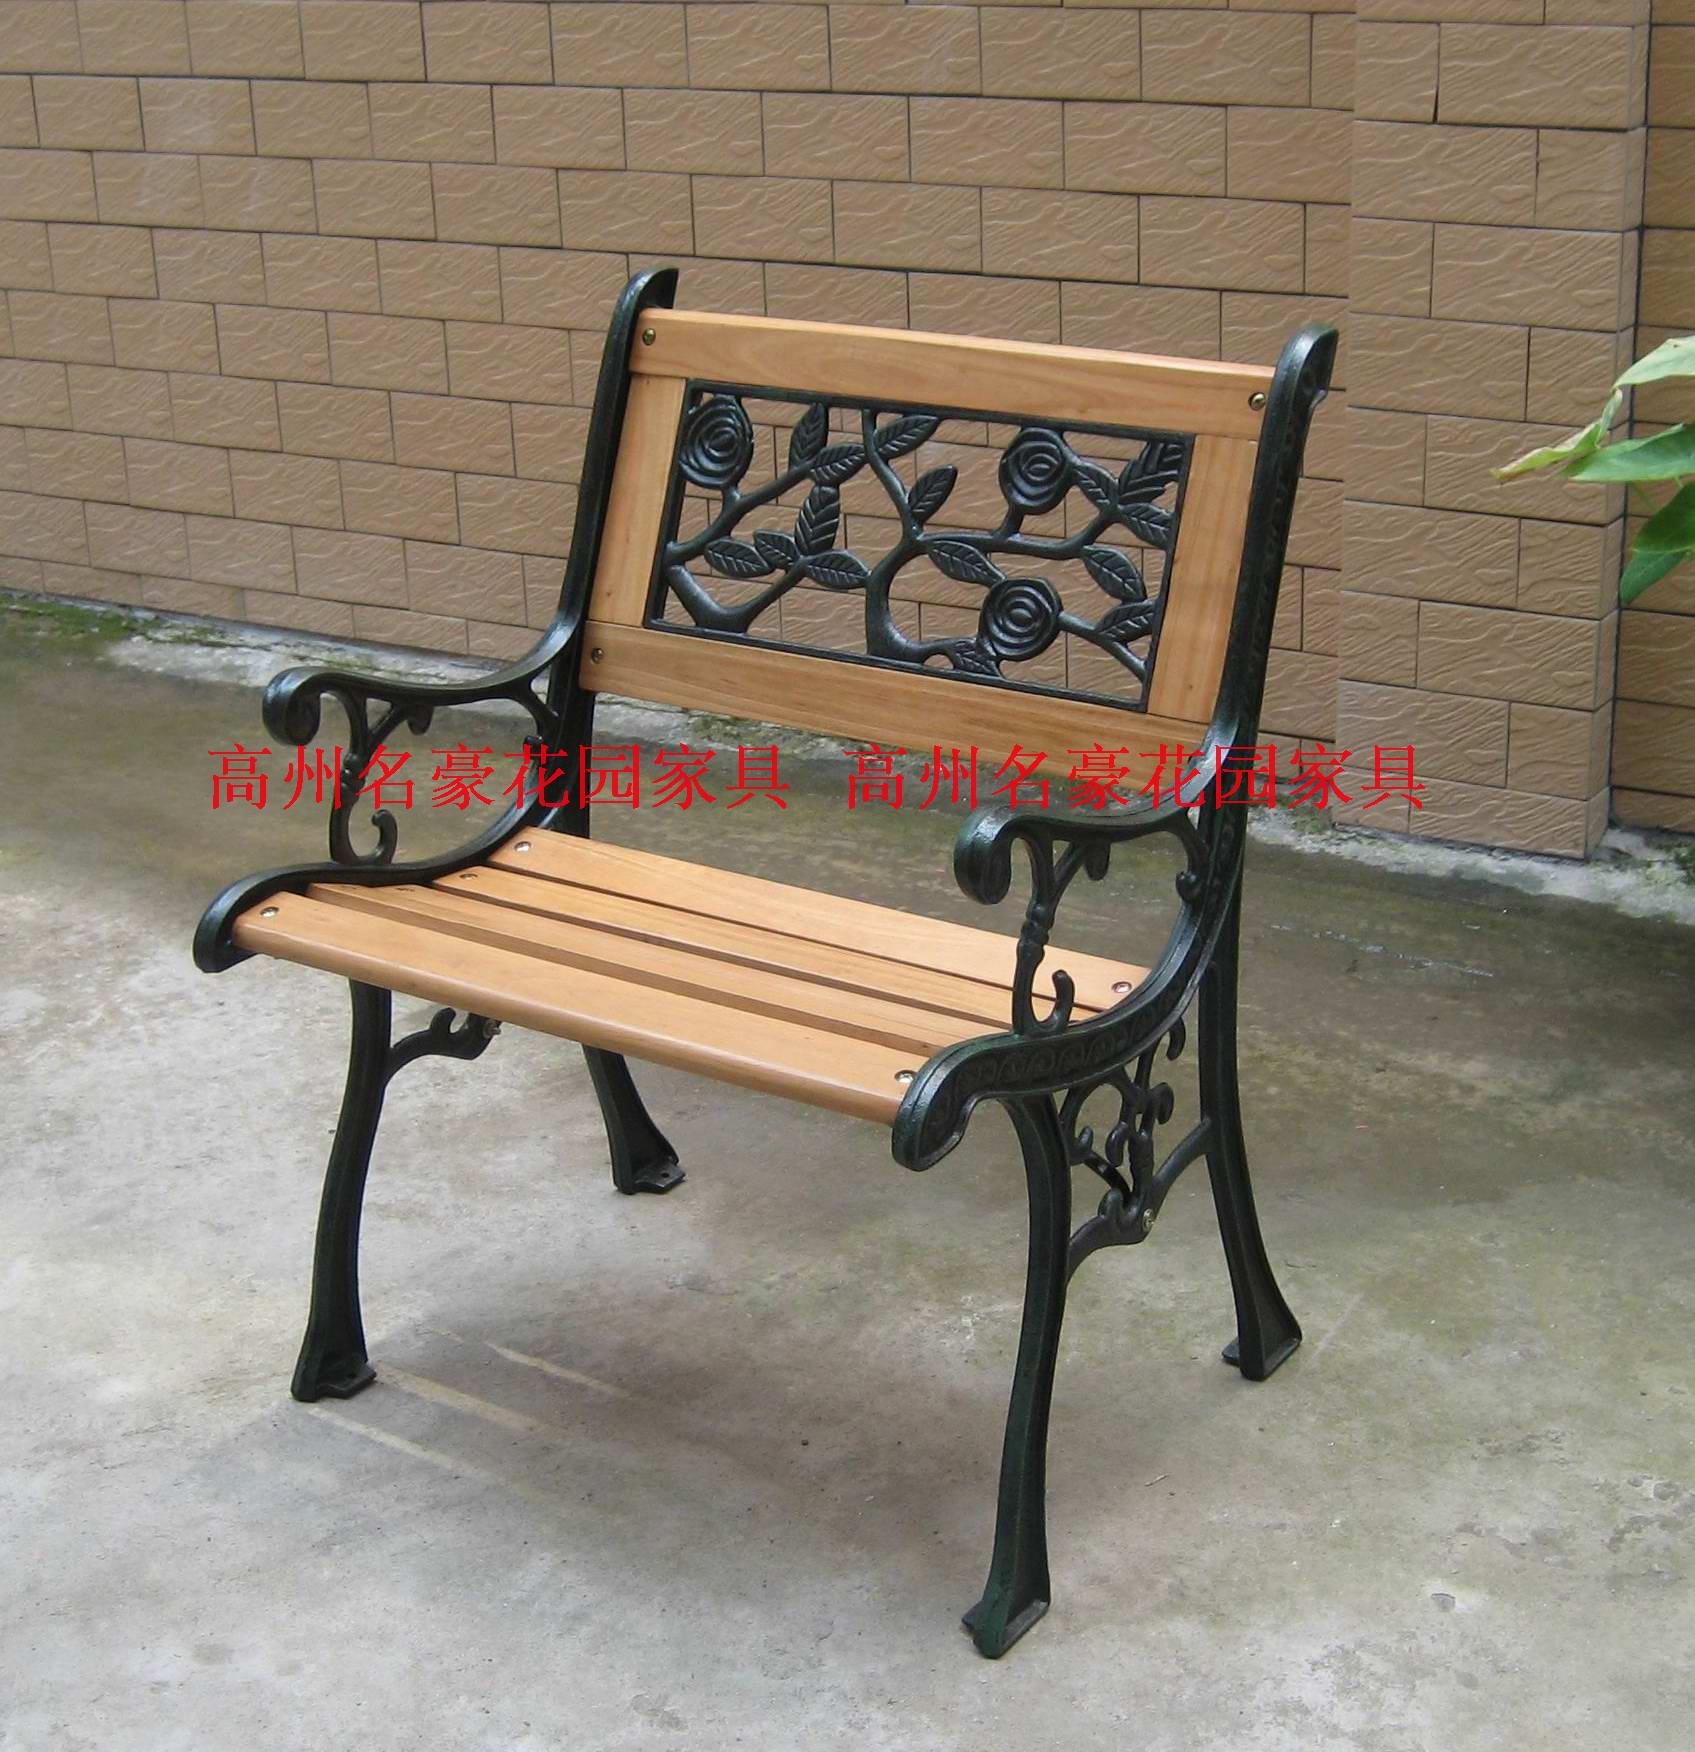 实木沙滩椅摇椅折叠休闲椅午休躺椅陪护椅子阳台折叠靠椅户外座椅